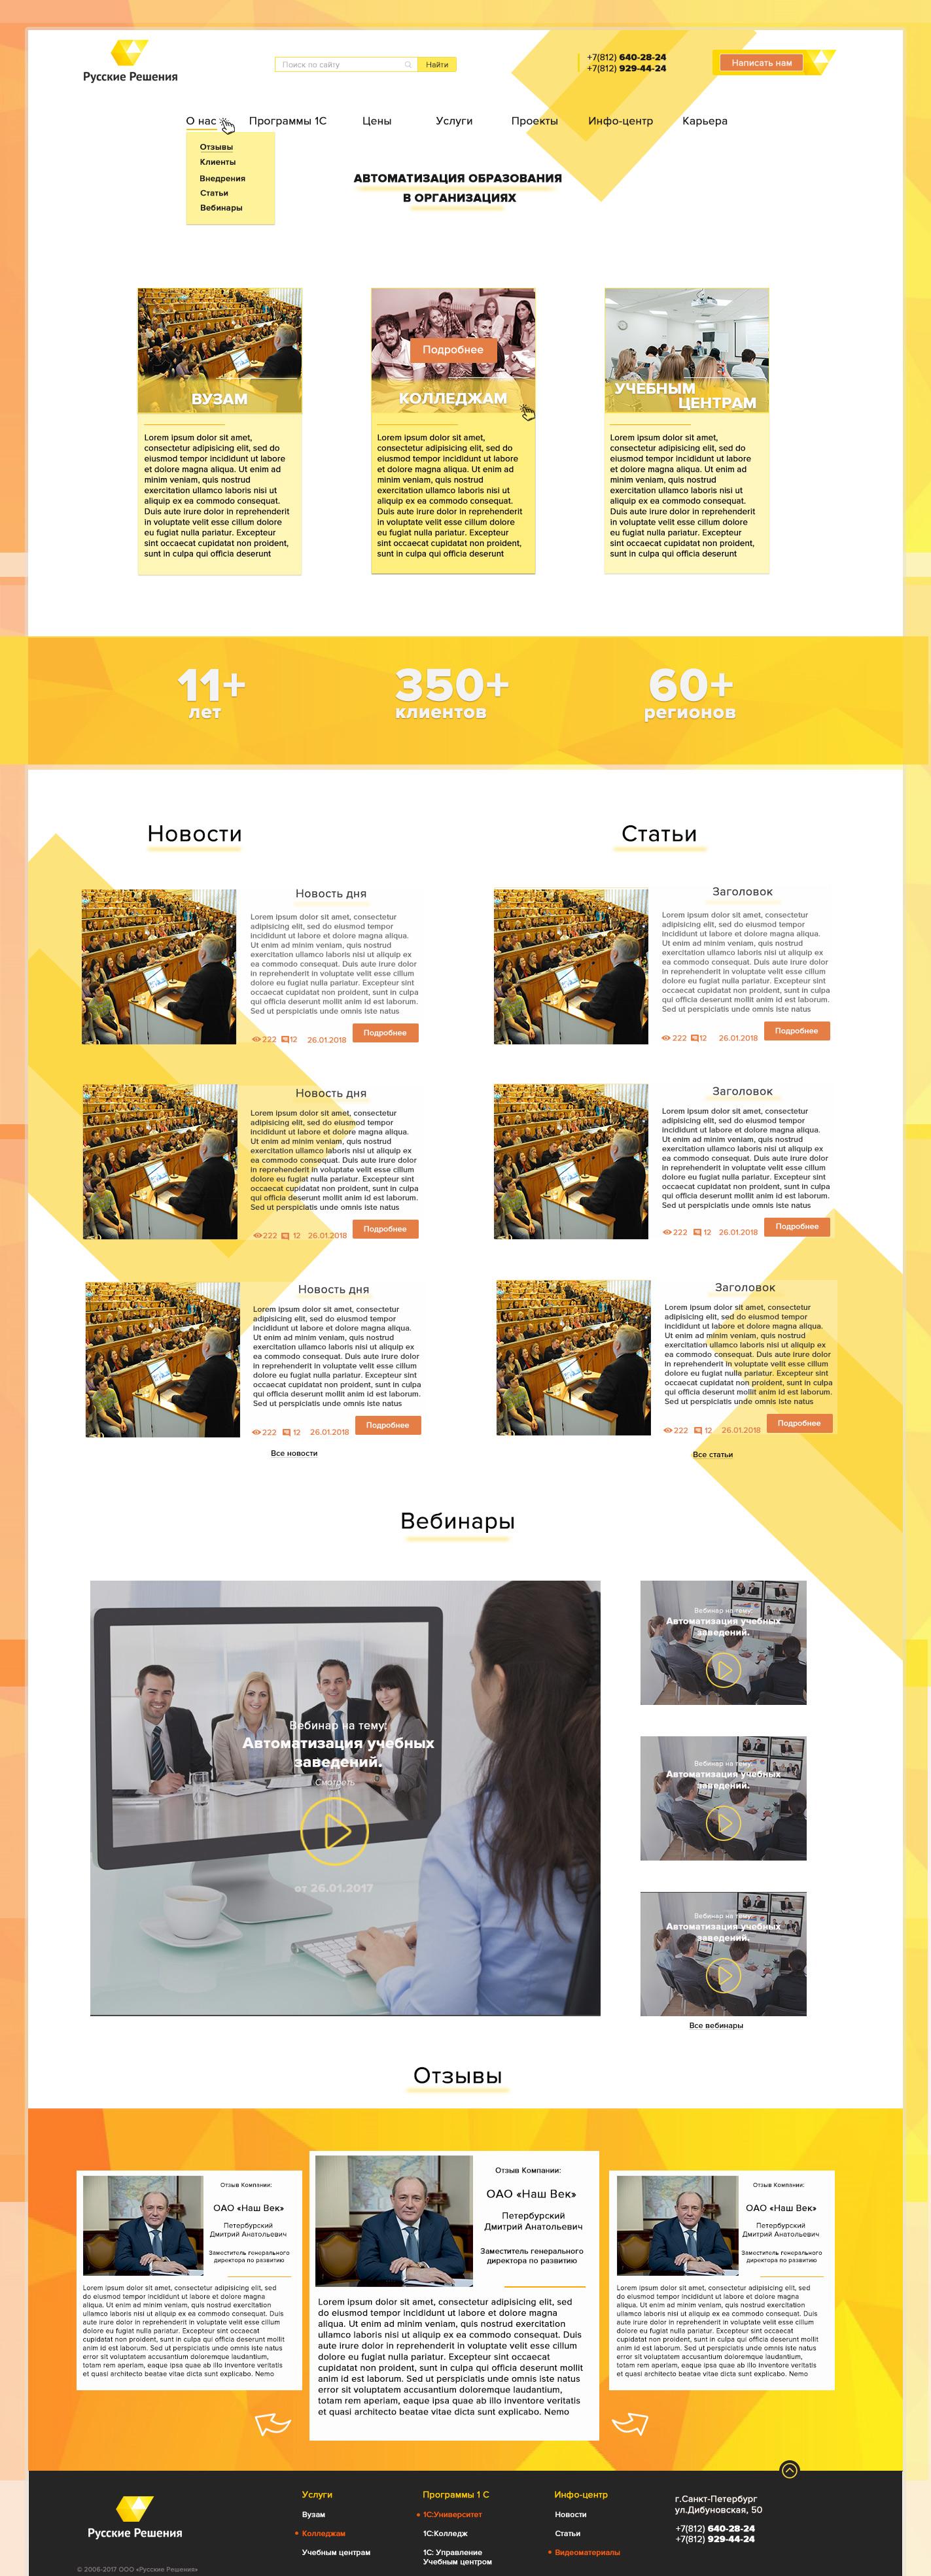 Дизайн главной страницы сайта фото f_3035a60e91b95b24.jpg